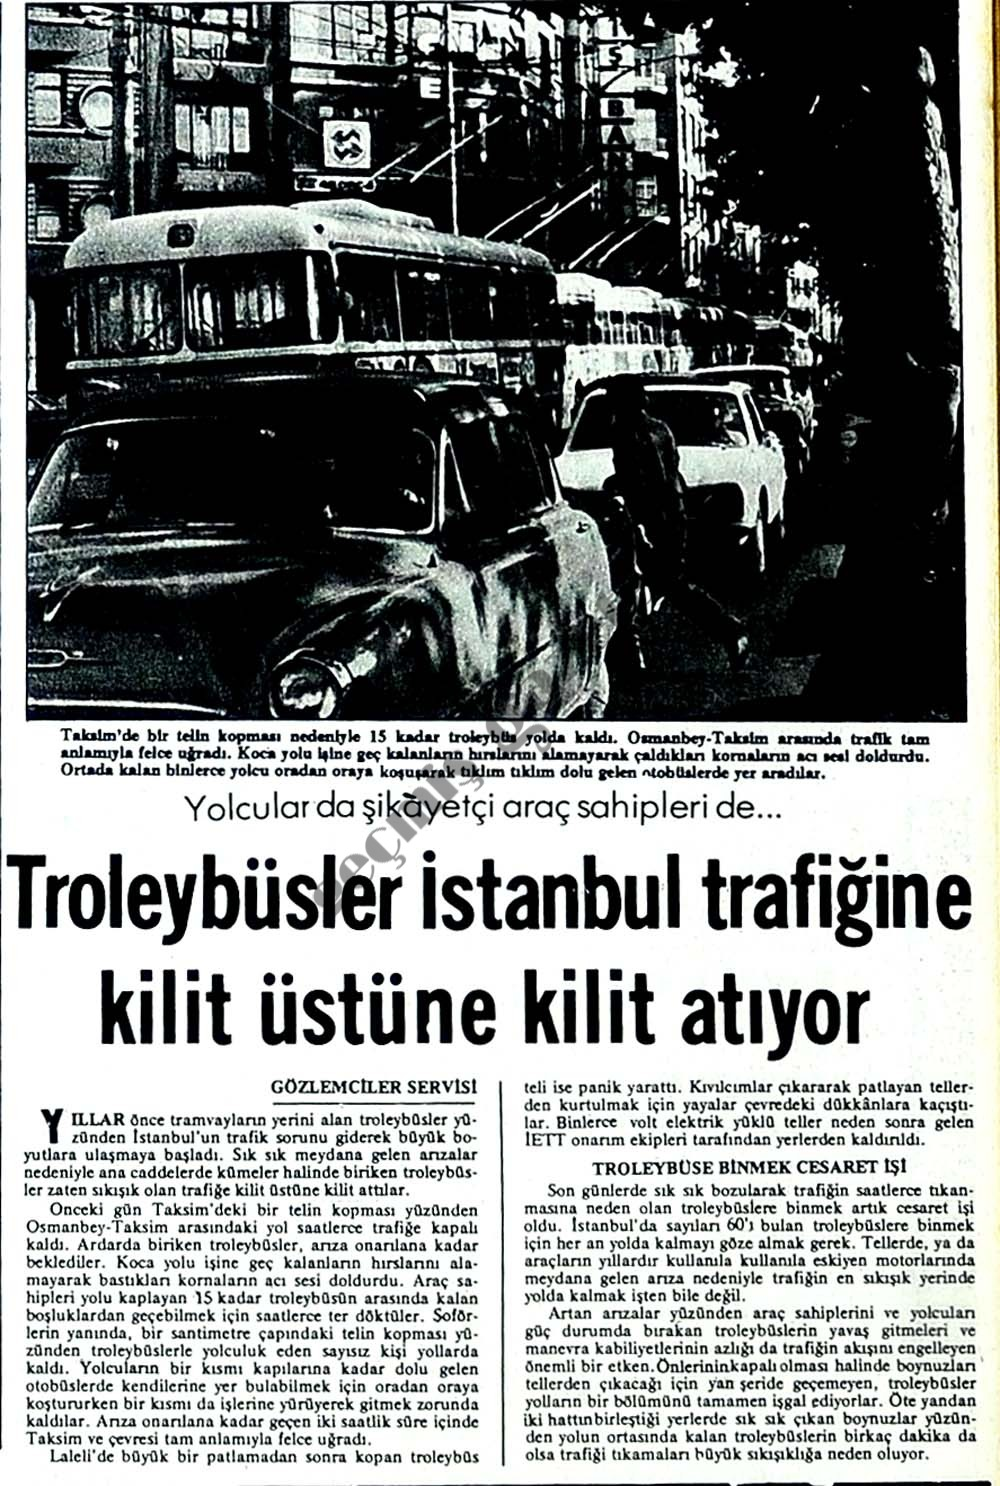 Troleybüsler İstanbul trafiğine kilit üstüne kilit atıyor